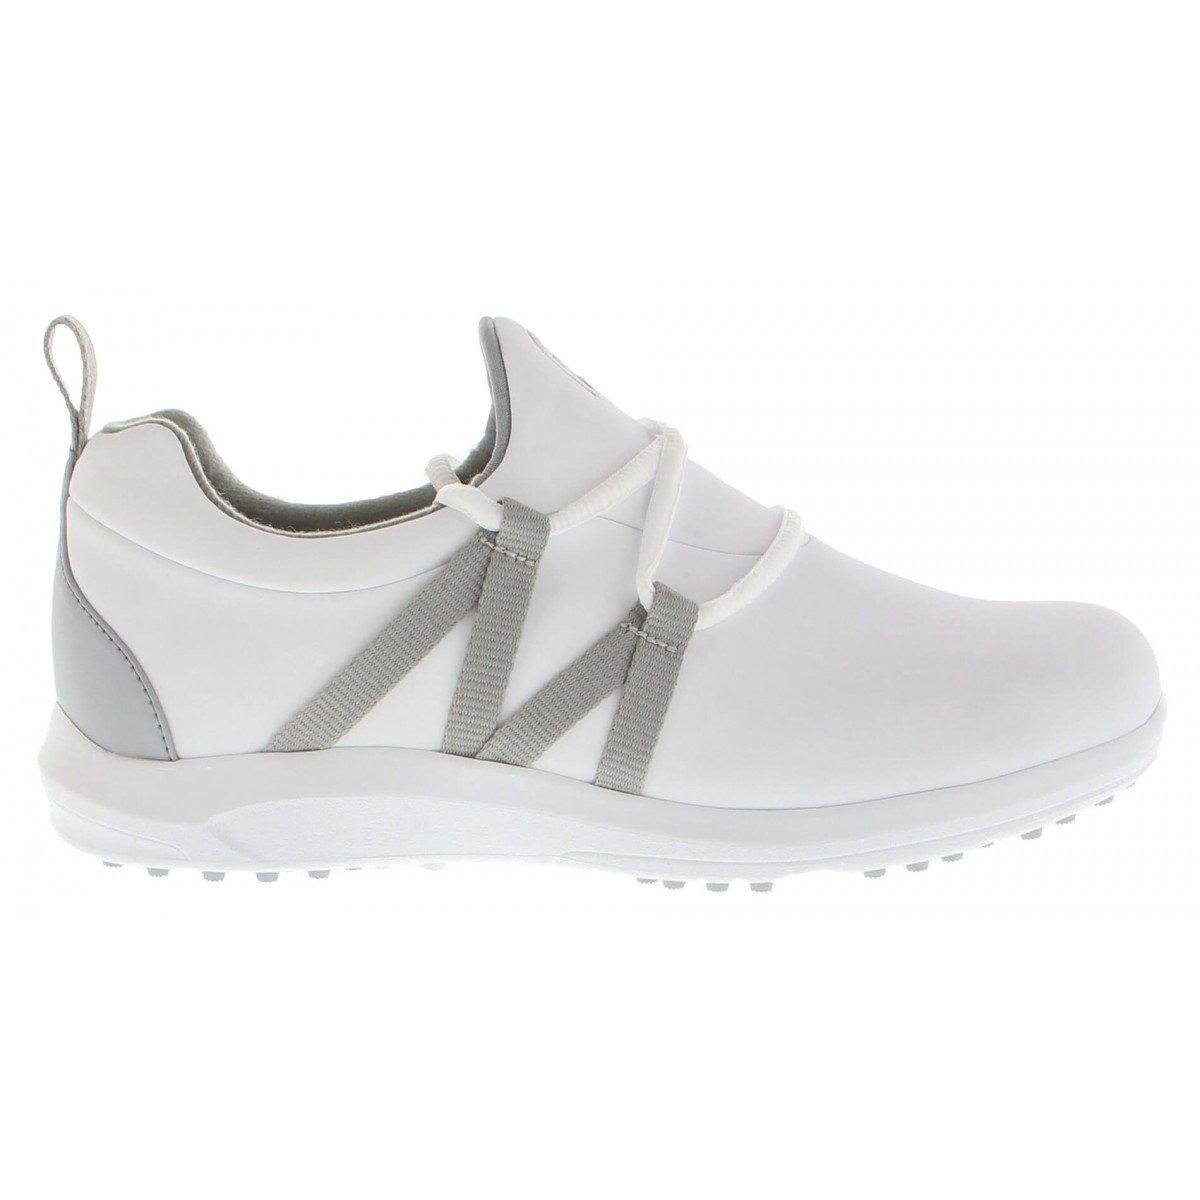 FootJoy Women's Leisure Slip On White Golf Shoes - Previous Season Style #92917